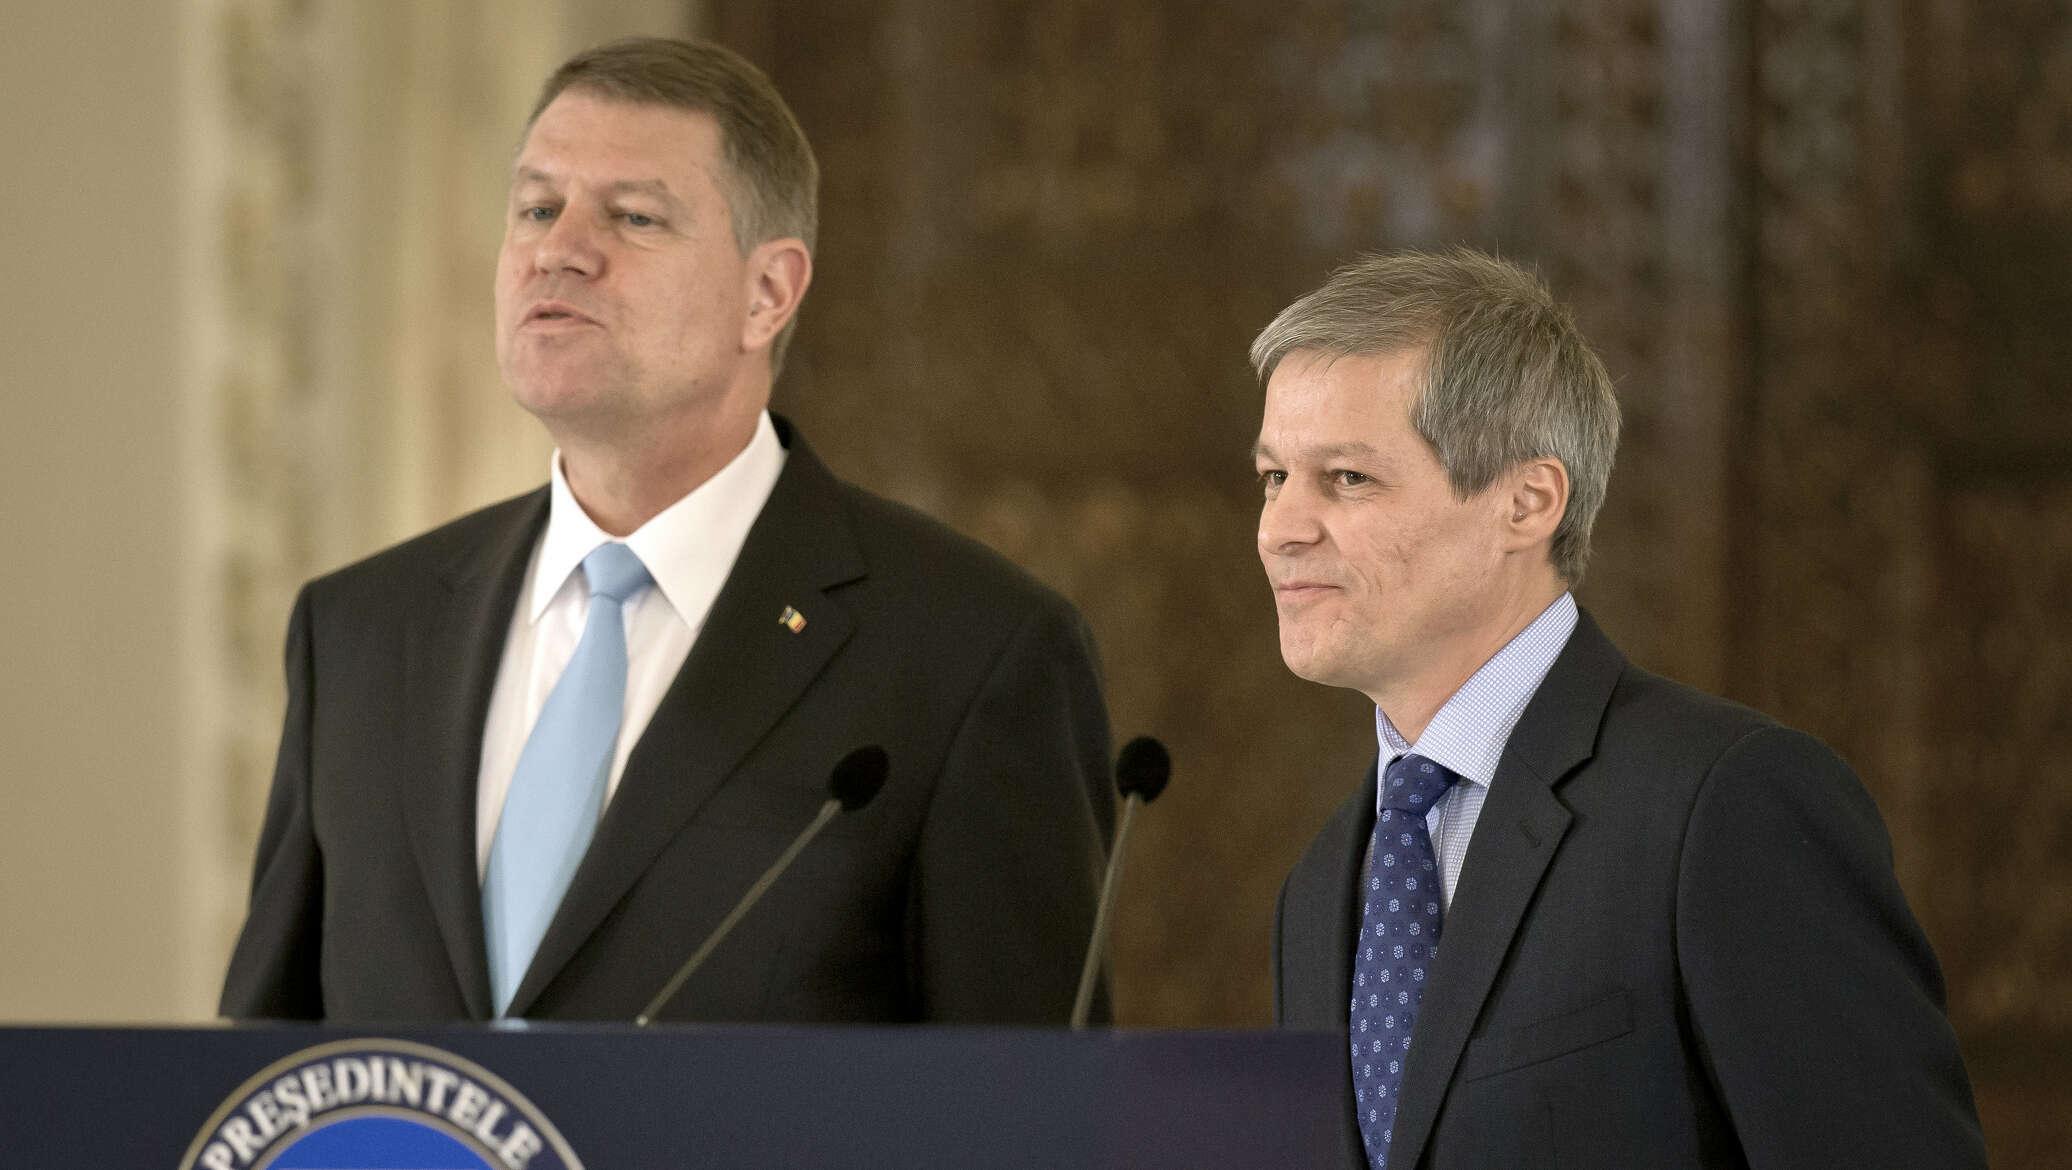 Cioloș crede că va organiza spirala, dar pentru el urmează urinoterapia din parlament – 60m.ro